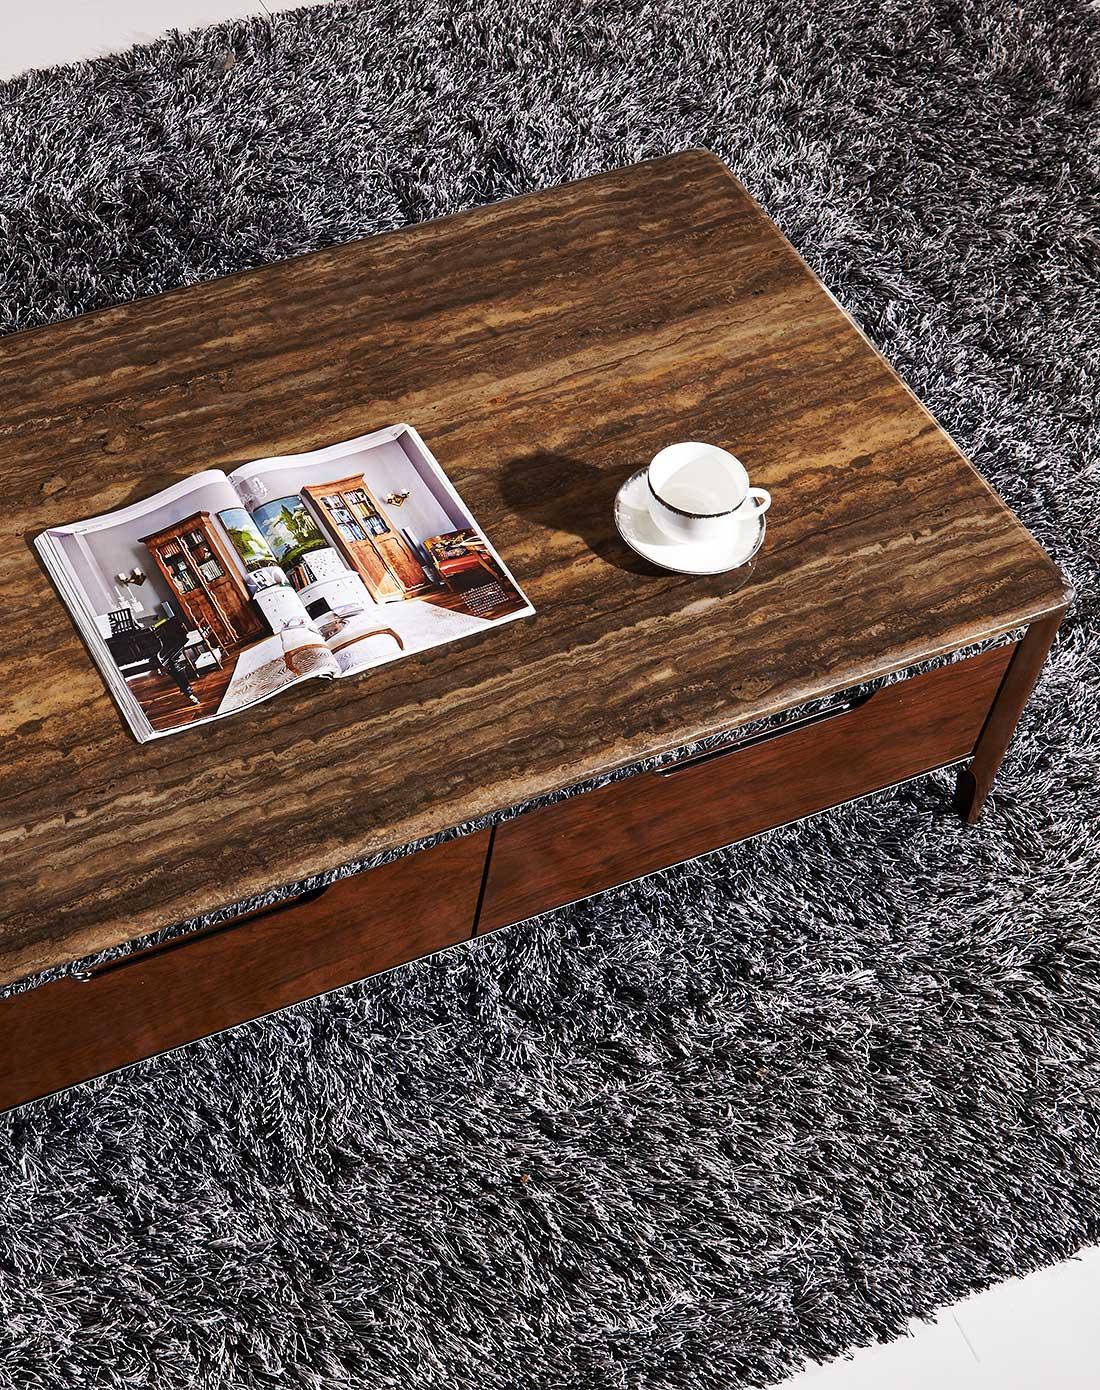 几度jidu家具专场北美胡桃木实木大理石现代风格茶几